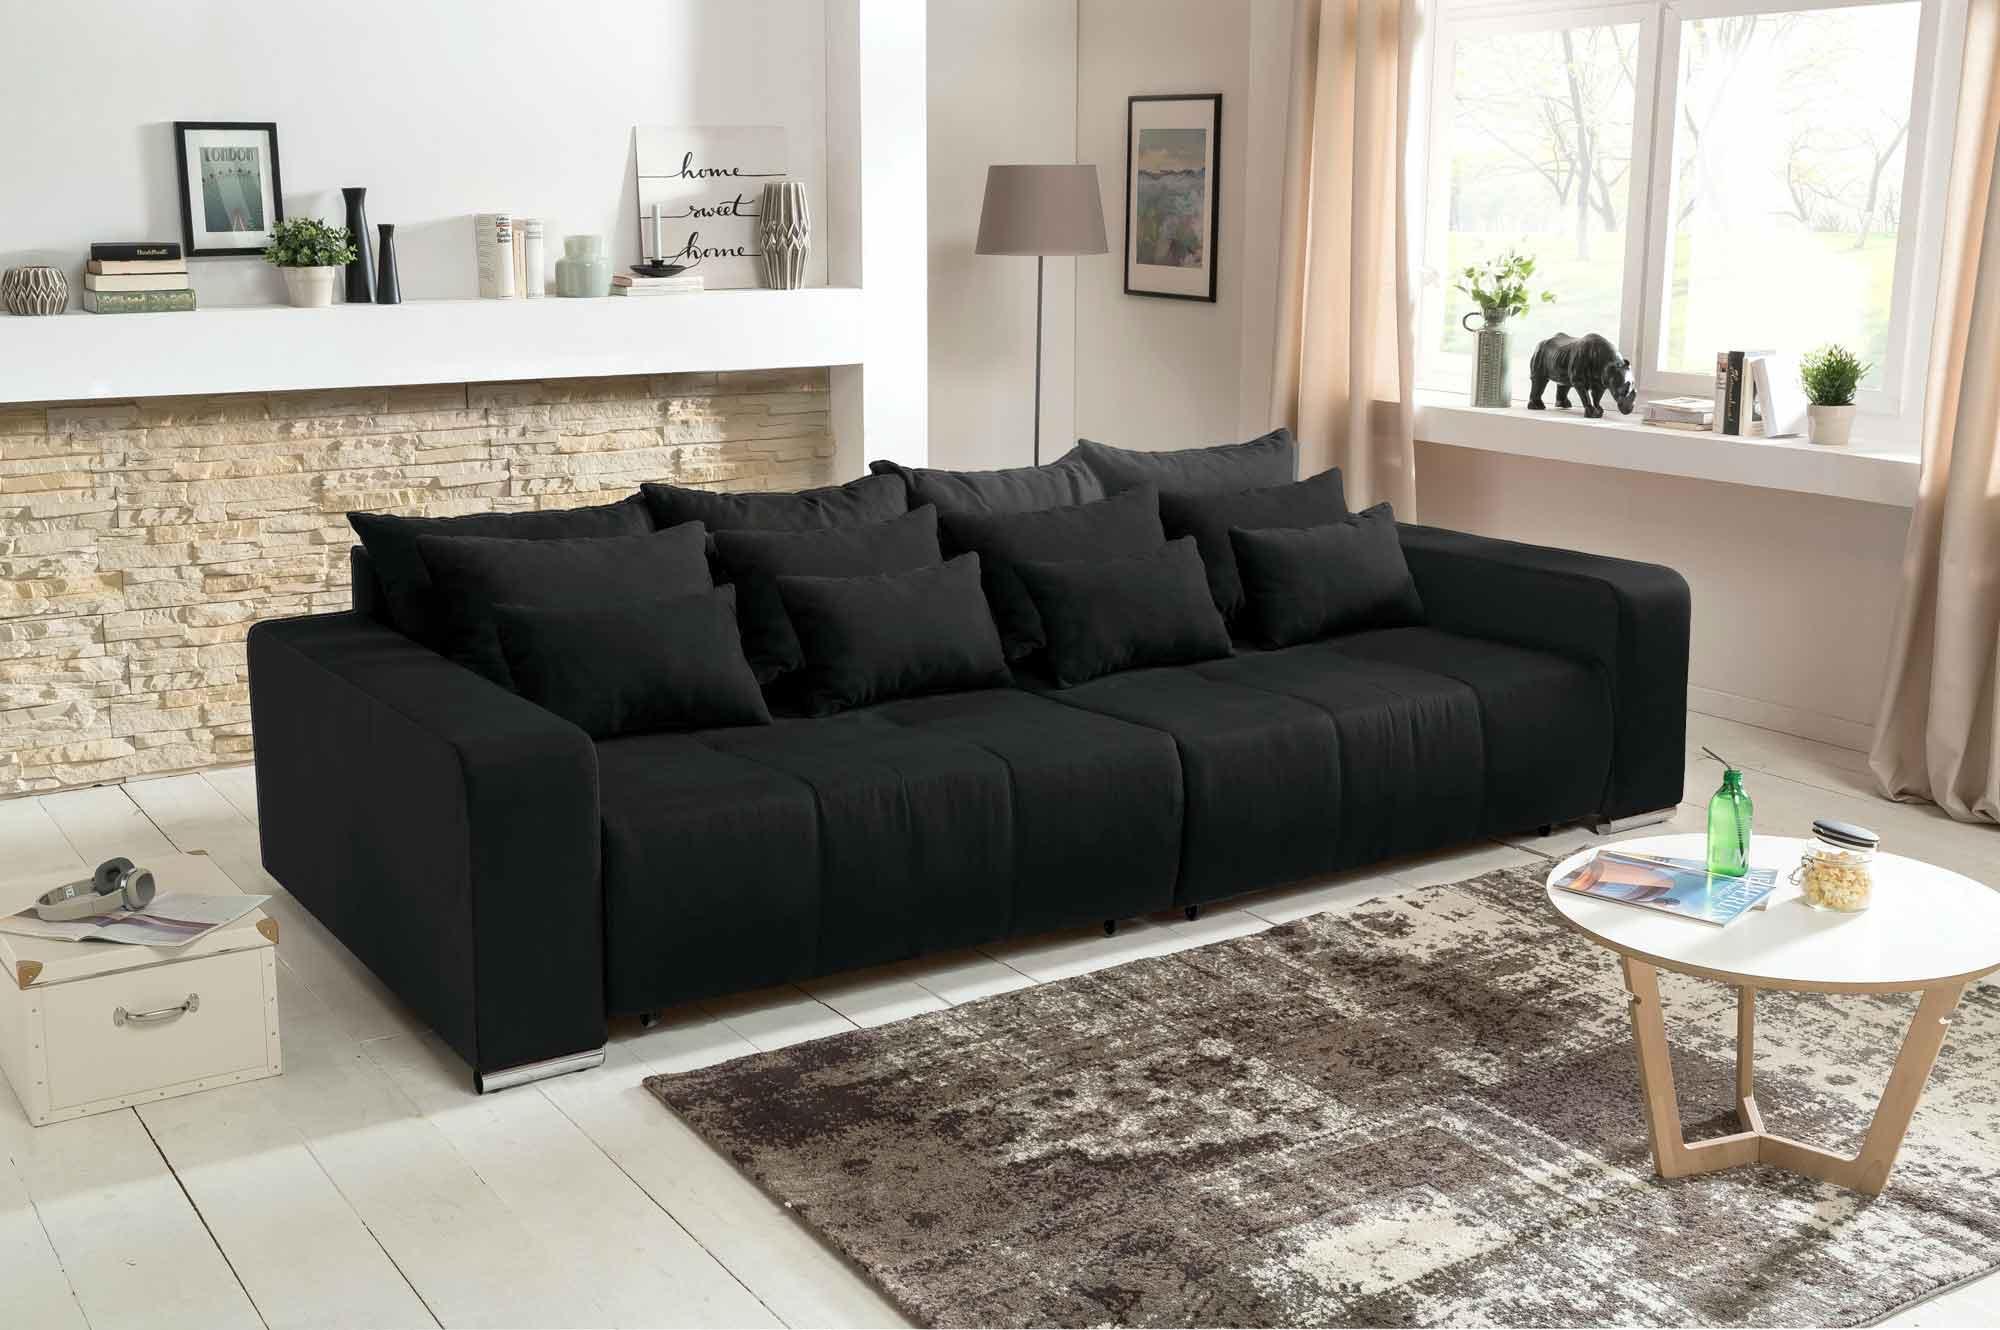 Full Size of 2 Sitzer Sofa Mit Relaxfunktion Günstig Kaufen Elektrisch Wk Impressionen Landhaus 3er Für Esstisch 3 Grau Esszimmer Büffelleder Teilig Big Xxl Lila Sofa Big Sofa Kaufen